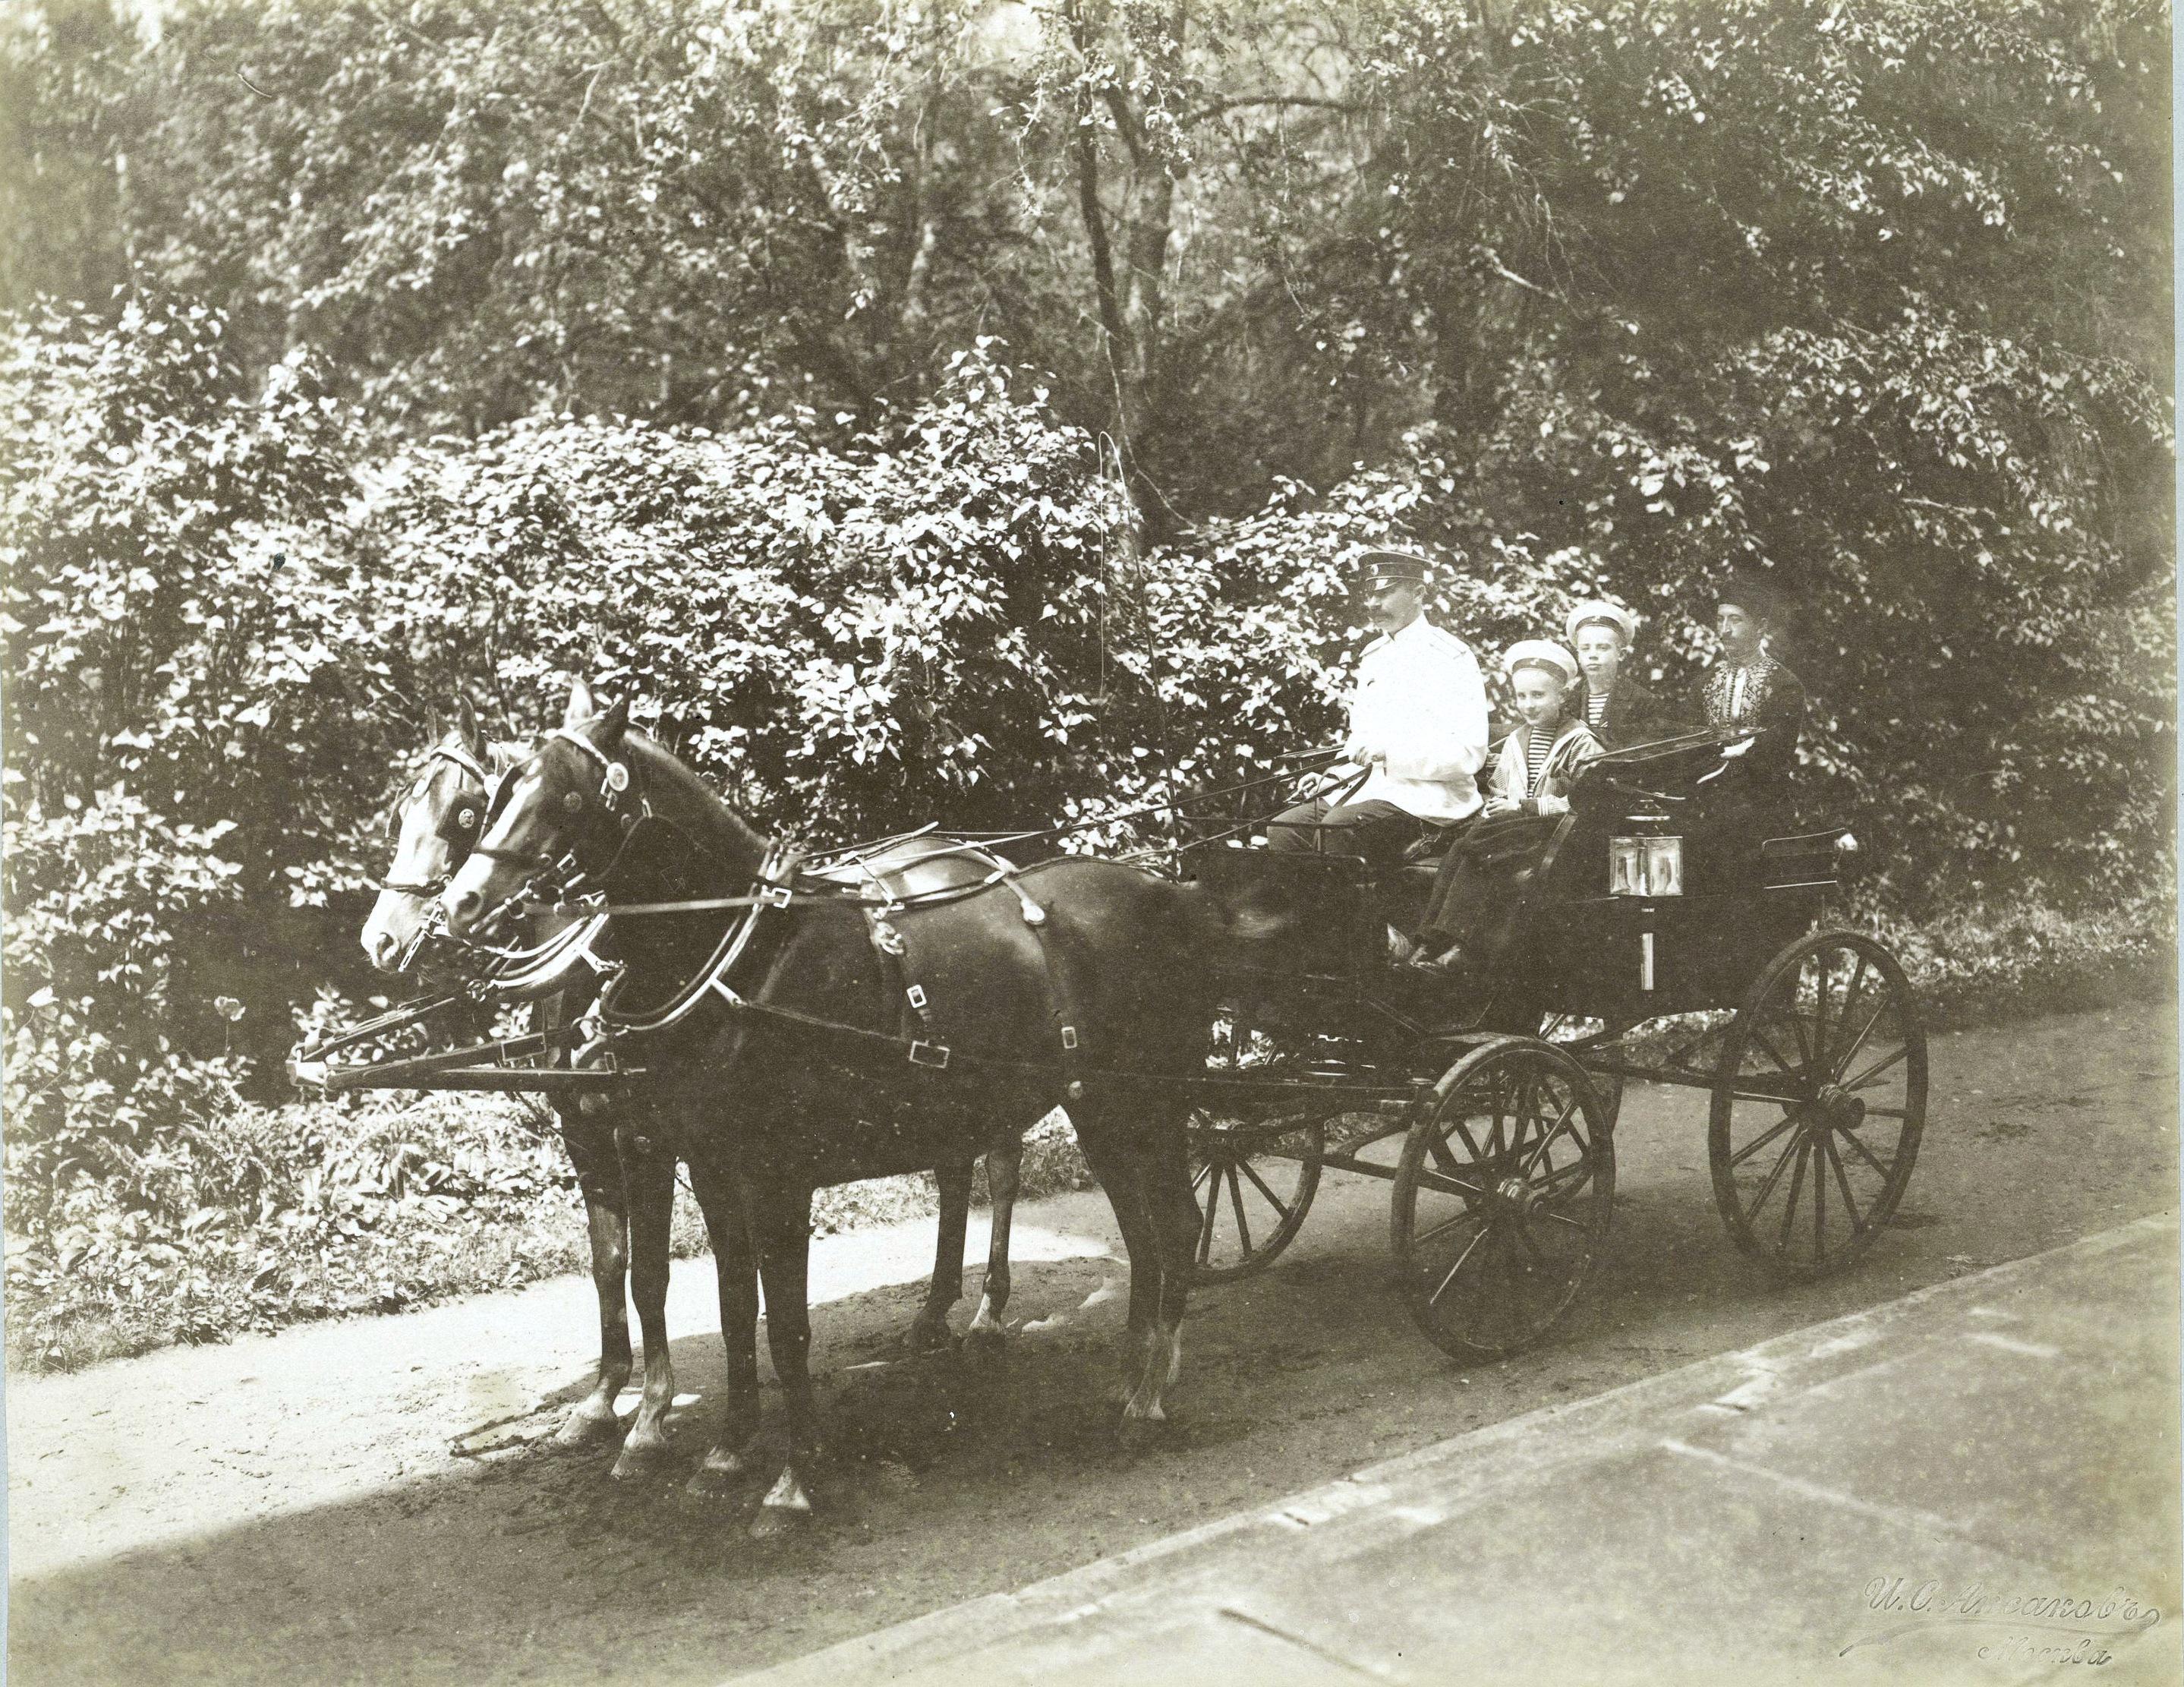 На аллее парка в коляске, запряженной парой лошадей, князь Ф.Ф. Юсупов, граф Сумароков-Эльстон с сыновьями Николаем и Феликсом.1896